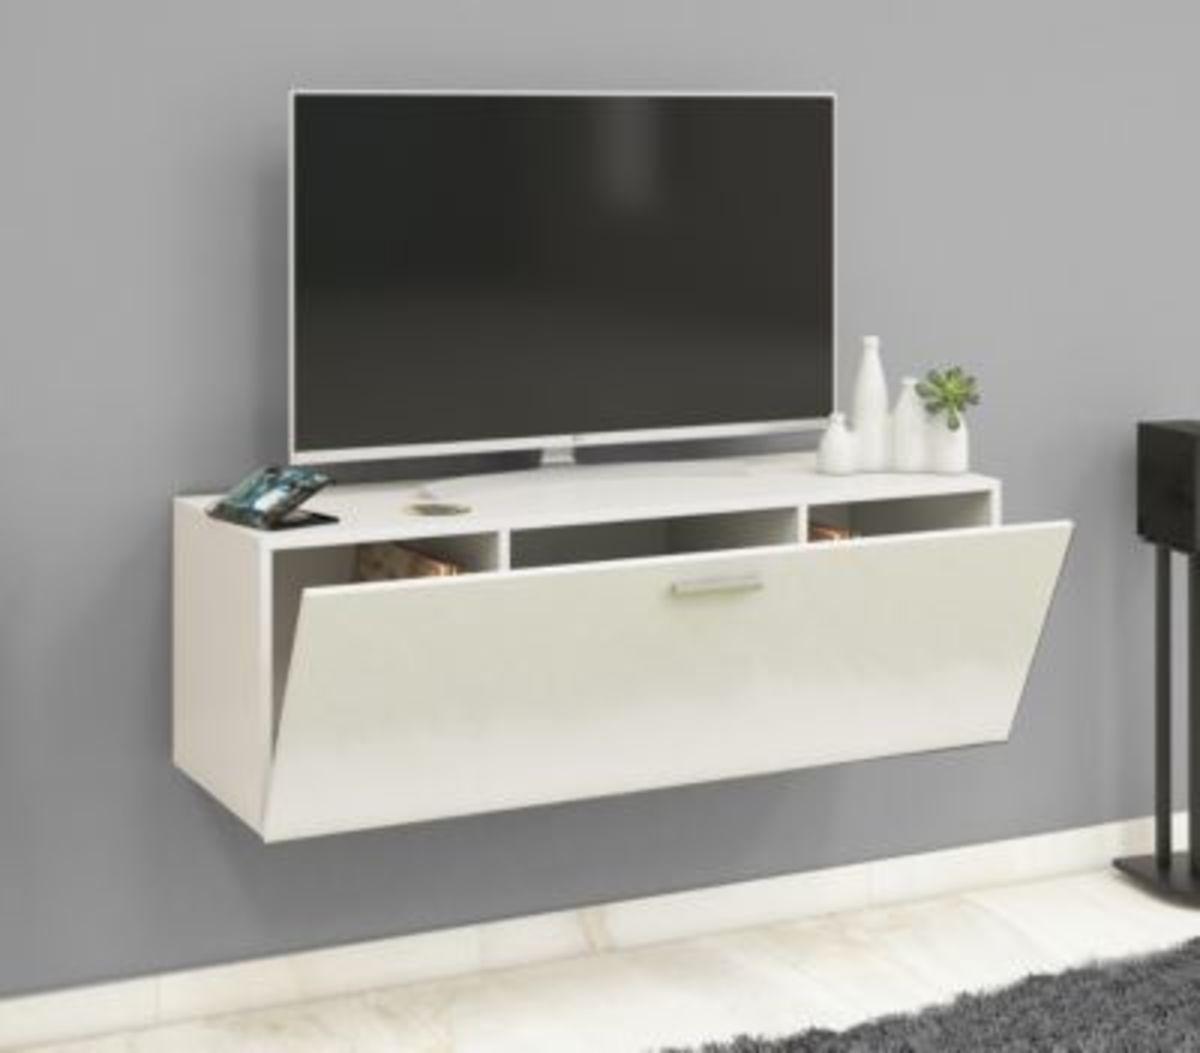 """Bild 1 von VCM TV Wand Board Fernsehtisch Lowboard Wohnwand Regal Wandschrank Schrank Tisch Hängend """"Fernso"""" VCM TV-Wand-Lowboard """"Fernso"""" (Farbe: B. 115cm: Weiß / Schwarz)"""